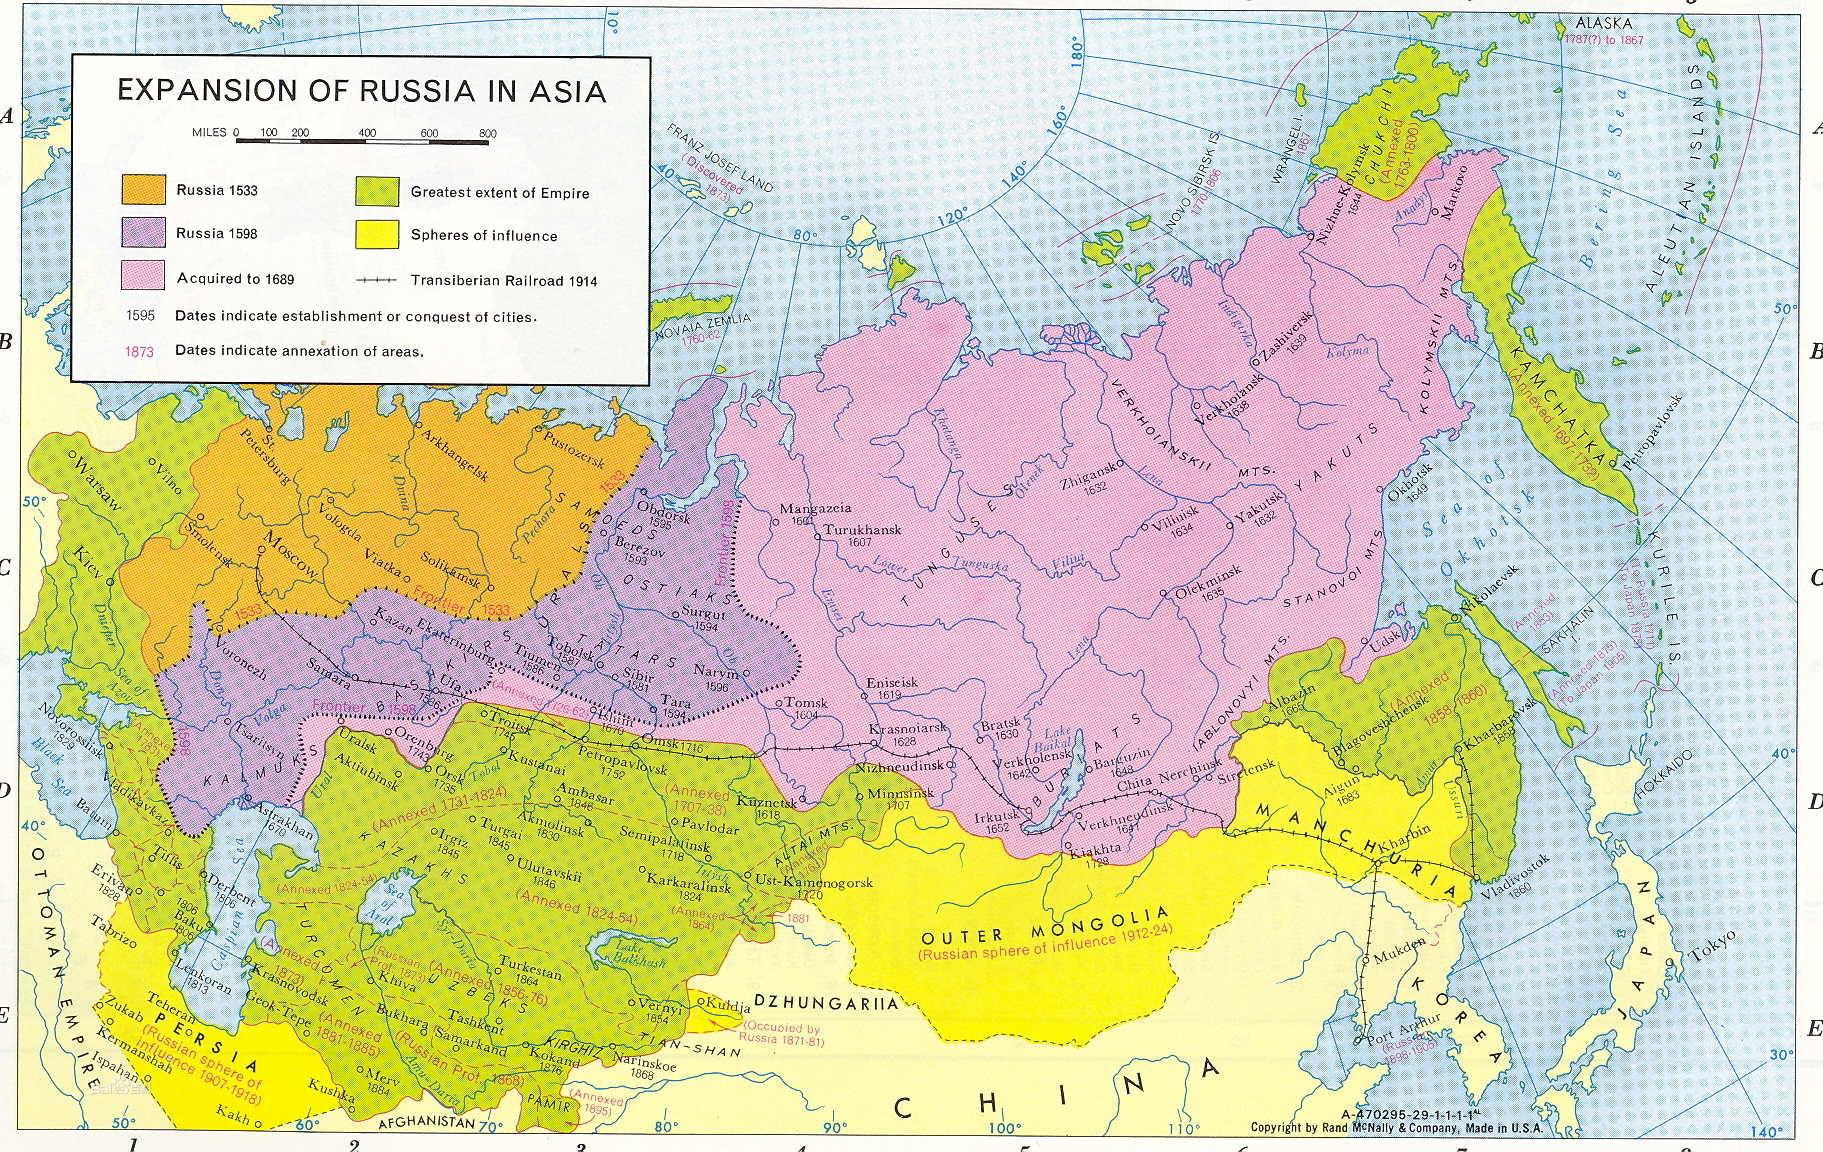 俄罗斯历史起源于东欧草原上的东斯拉夫人,亦是后来的俄罗斯人